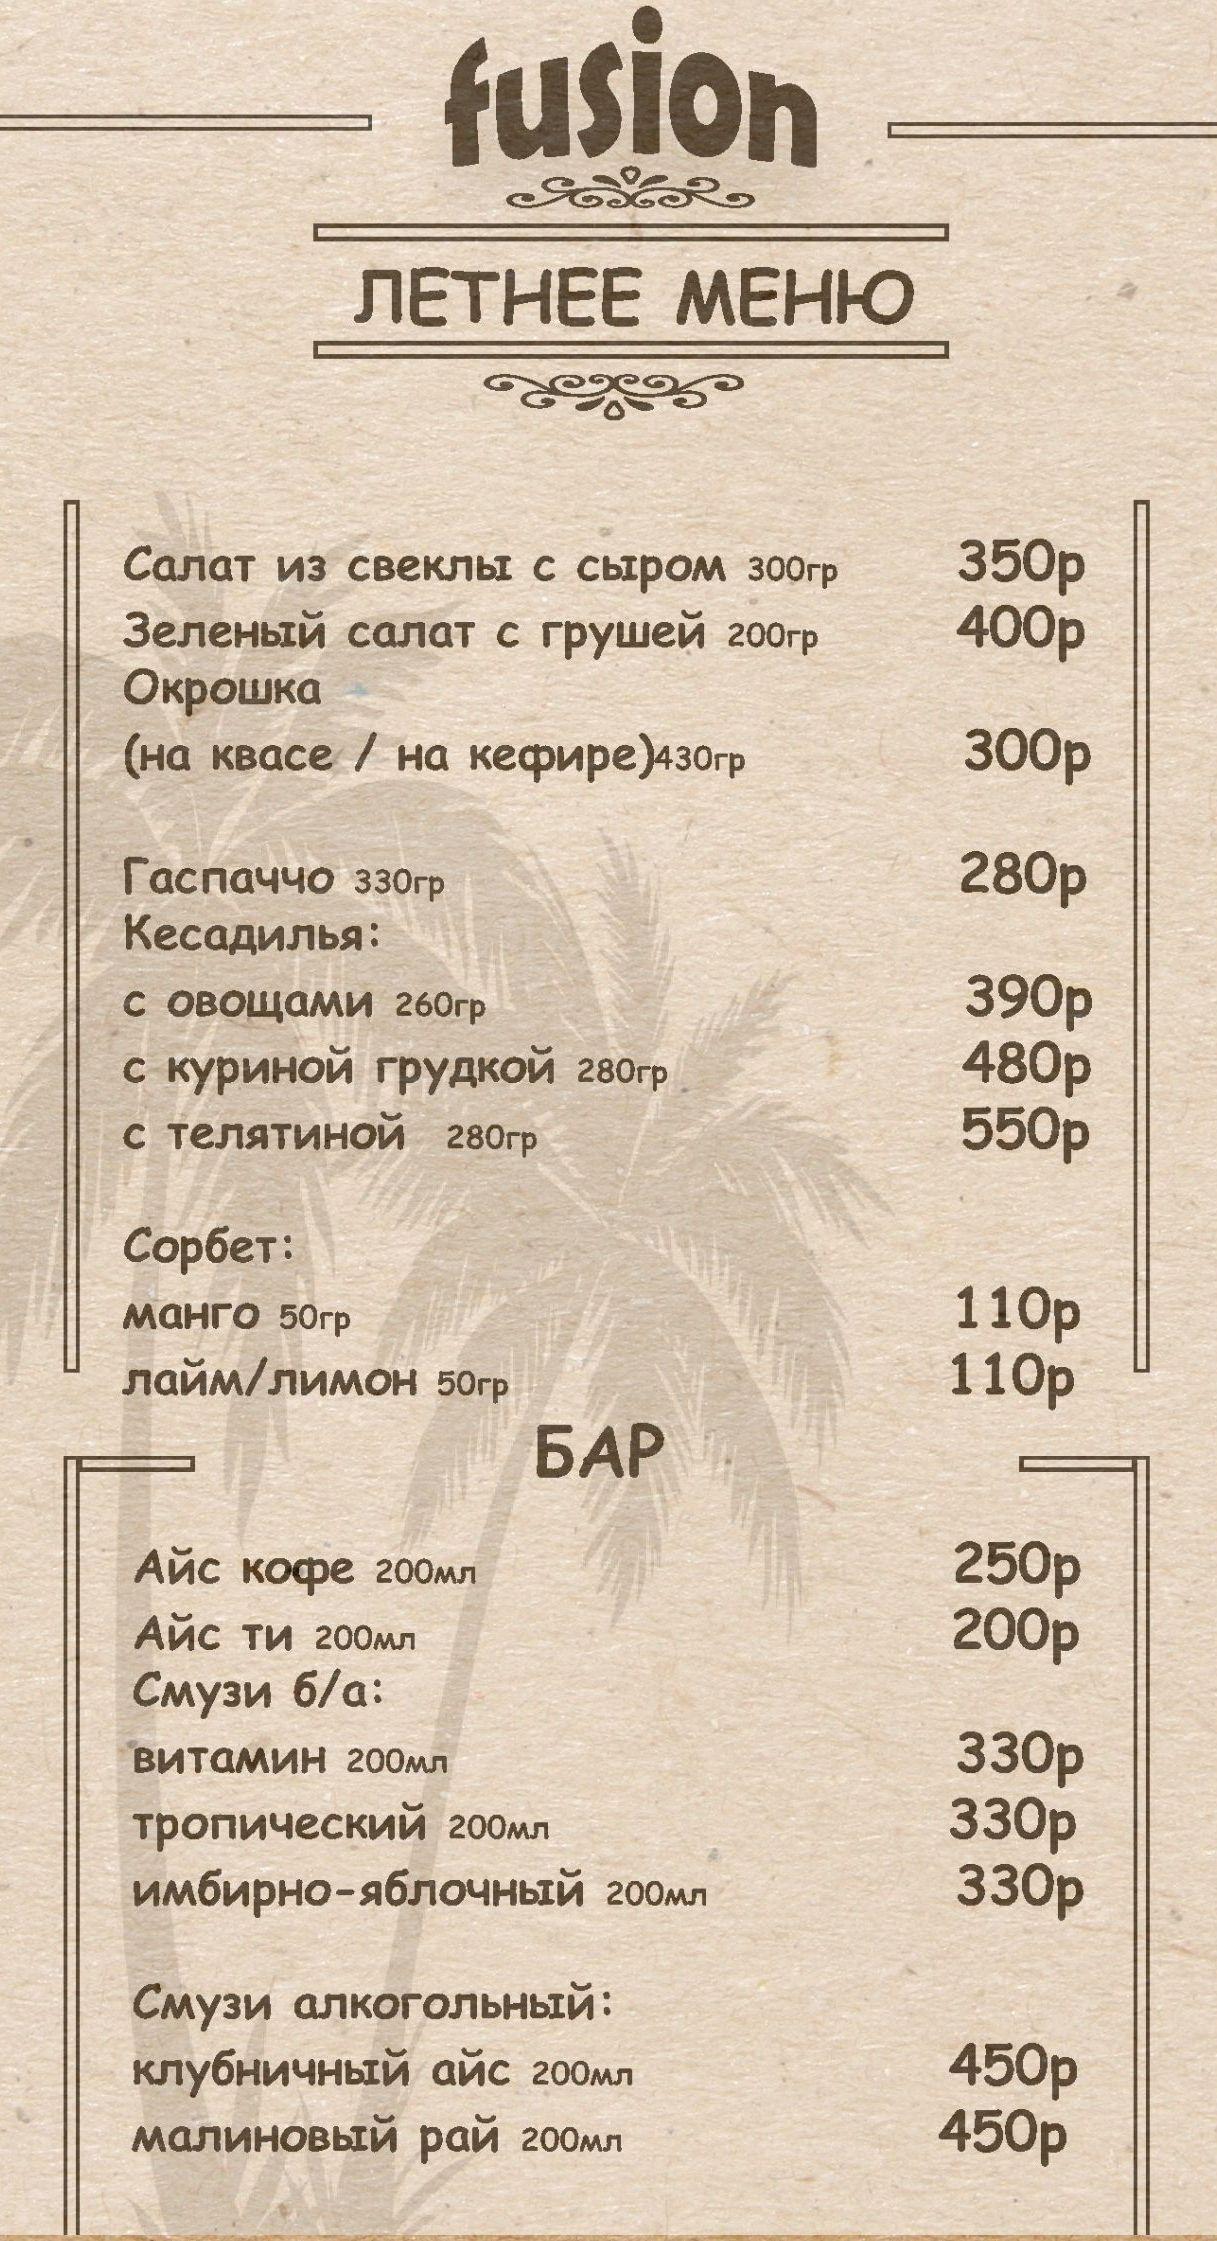 Летнее меню